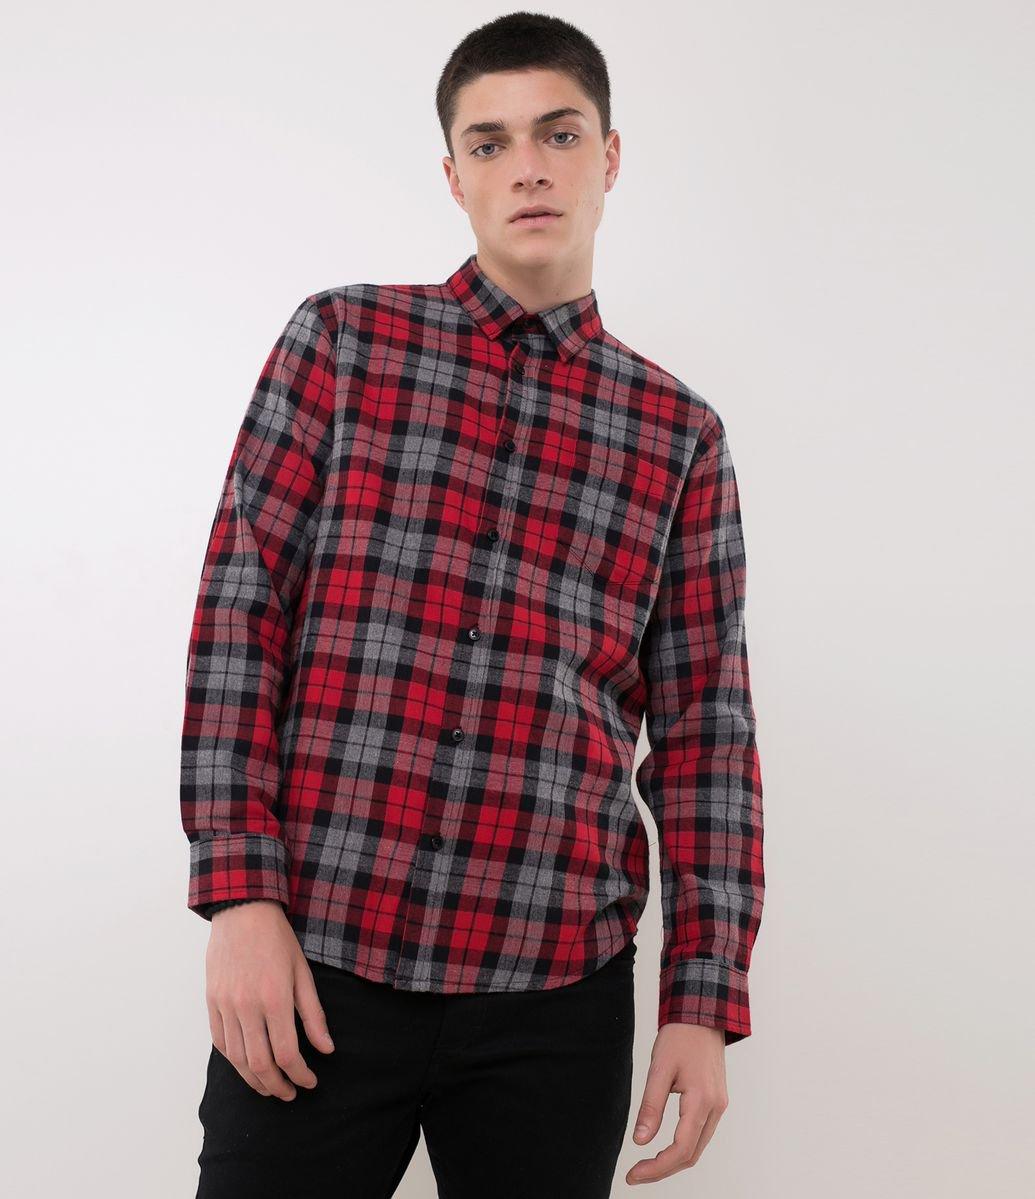 HOME · Masculino · Camisas · Manga Longa  Camisa Xadrez em Flanela. Brinde edde55c88a8e2